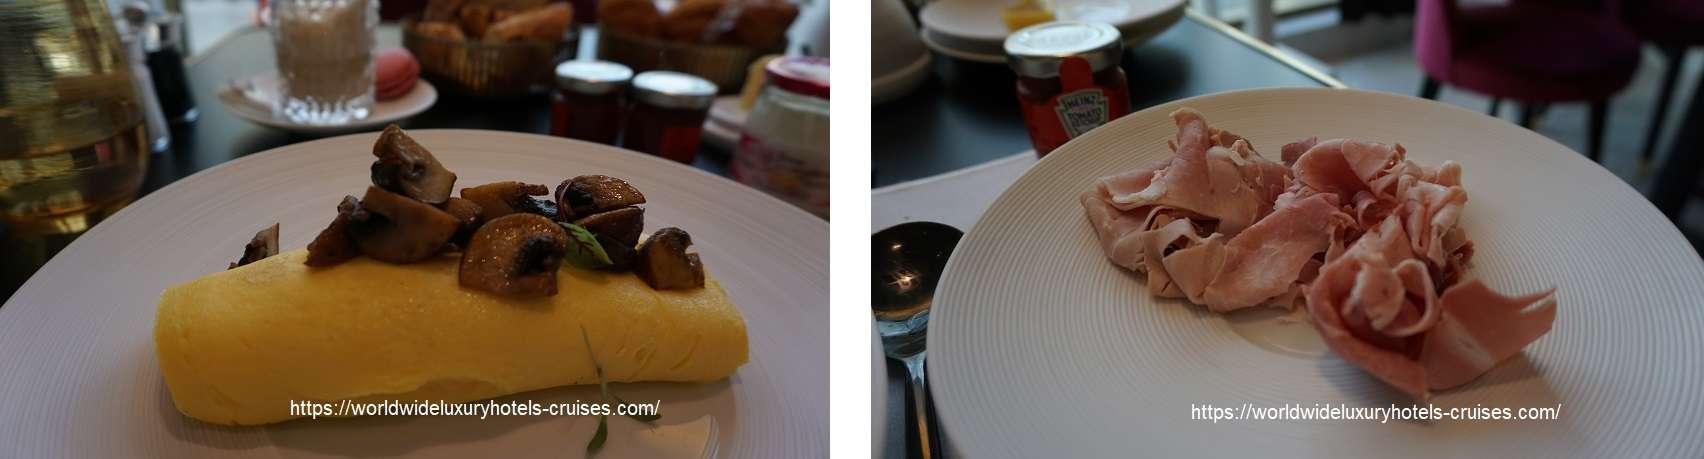 フォションロテルパリの朝食 フォションロテルパリ ジュニアスィート  フォションホテル フォションロテルパリ Fauchon L'Hotel  パリ フランス パリ5つ星ホテル ラグジュアリーホテル グルメバー ジュニアスィート カリタスパ